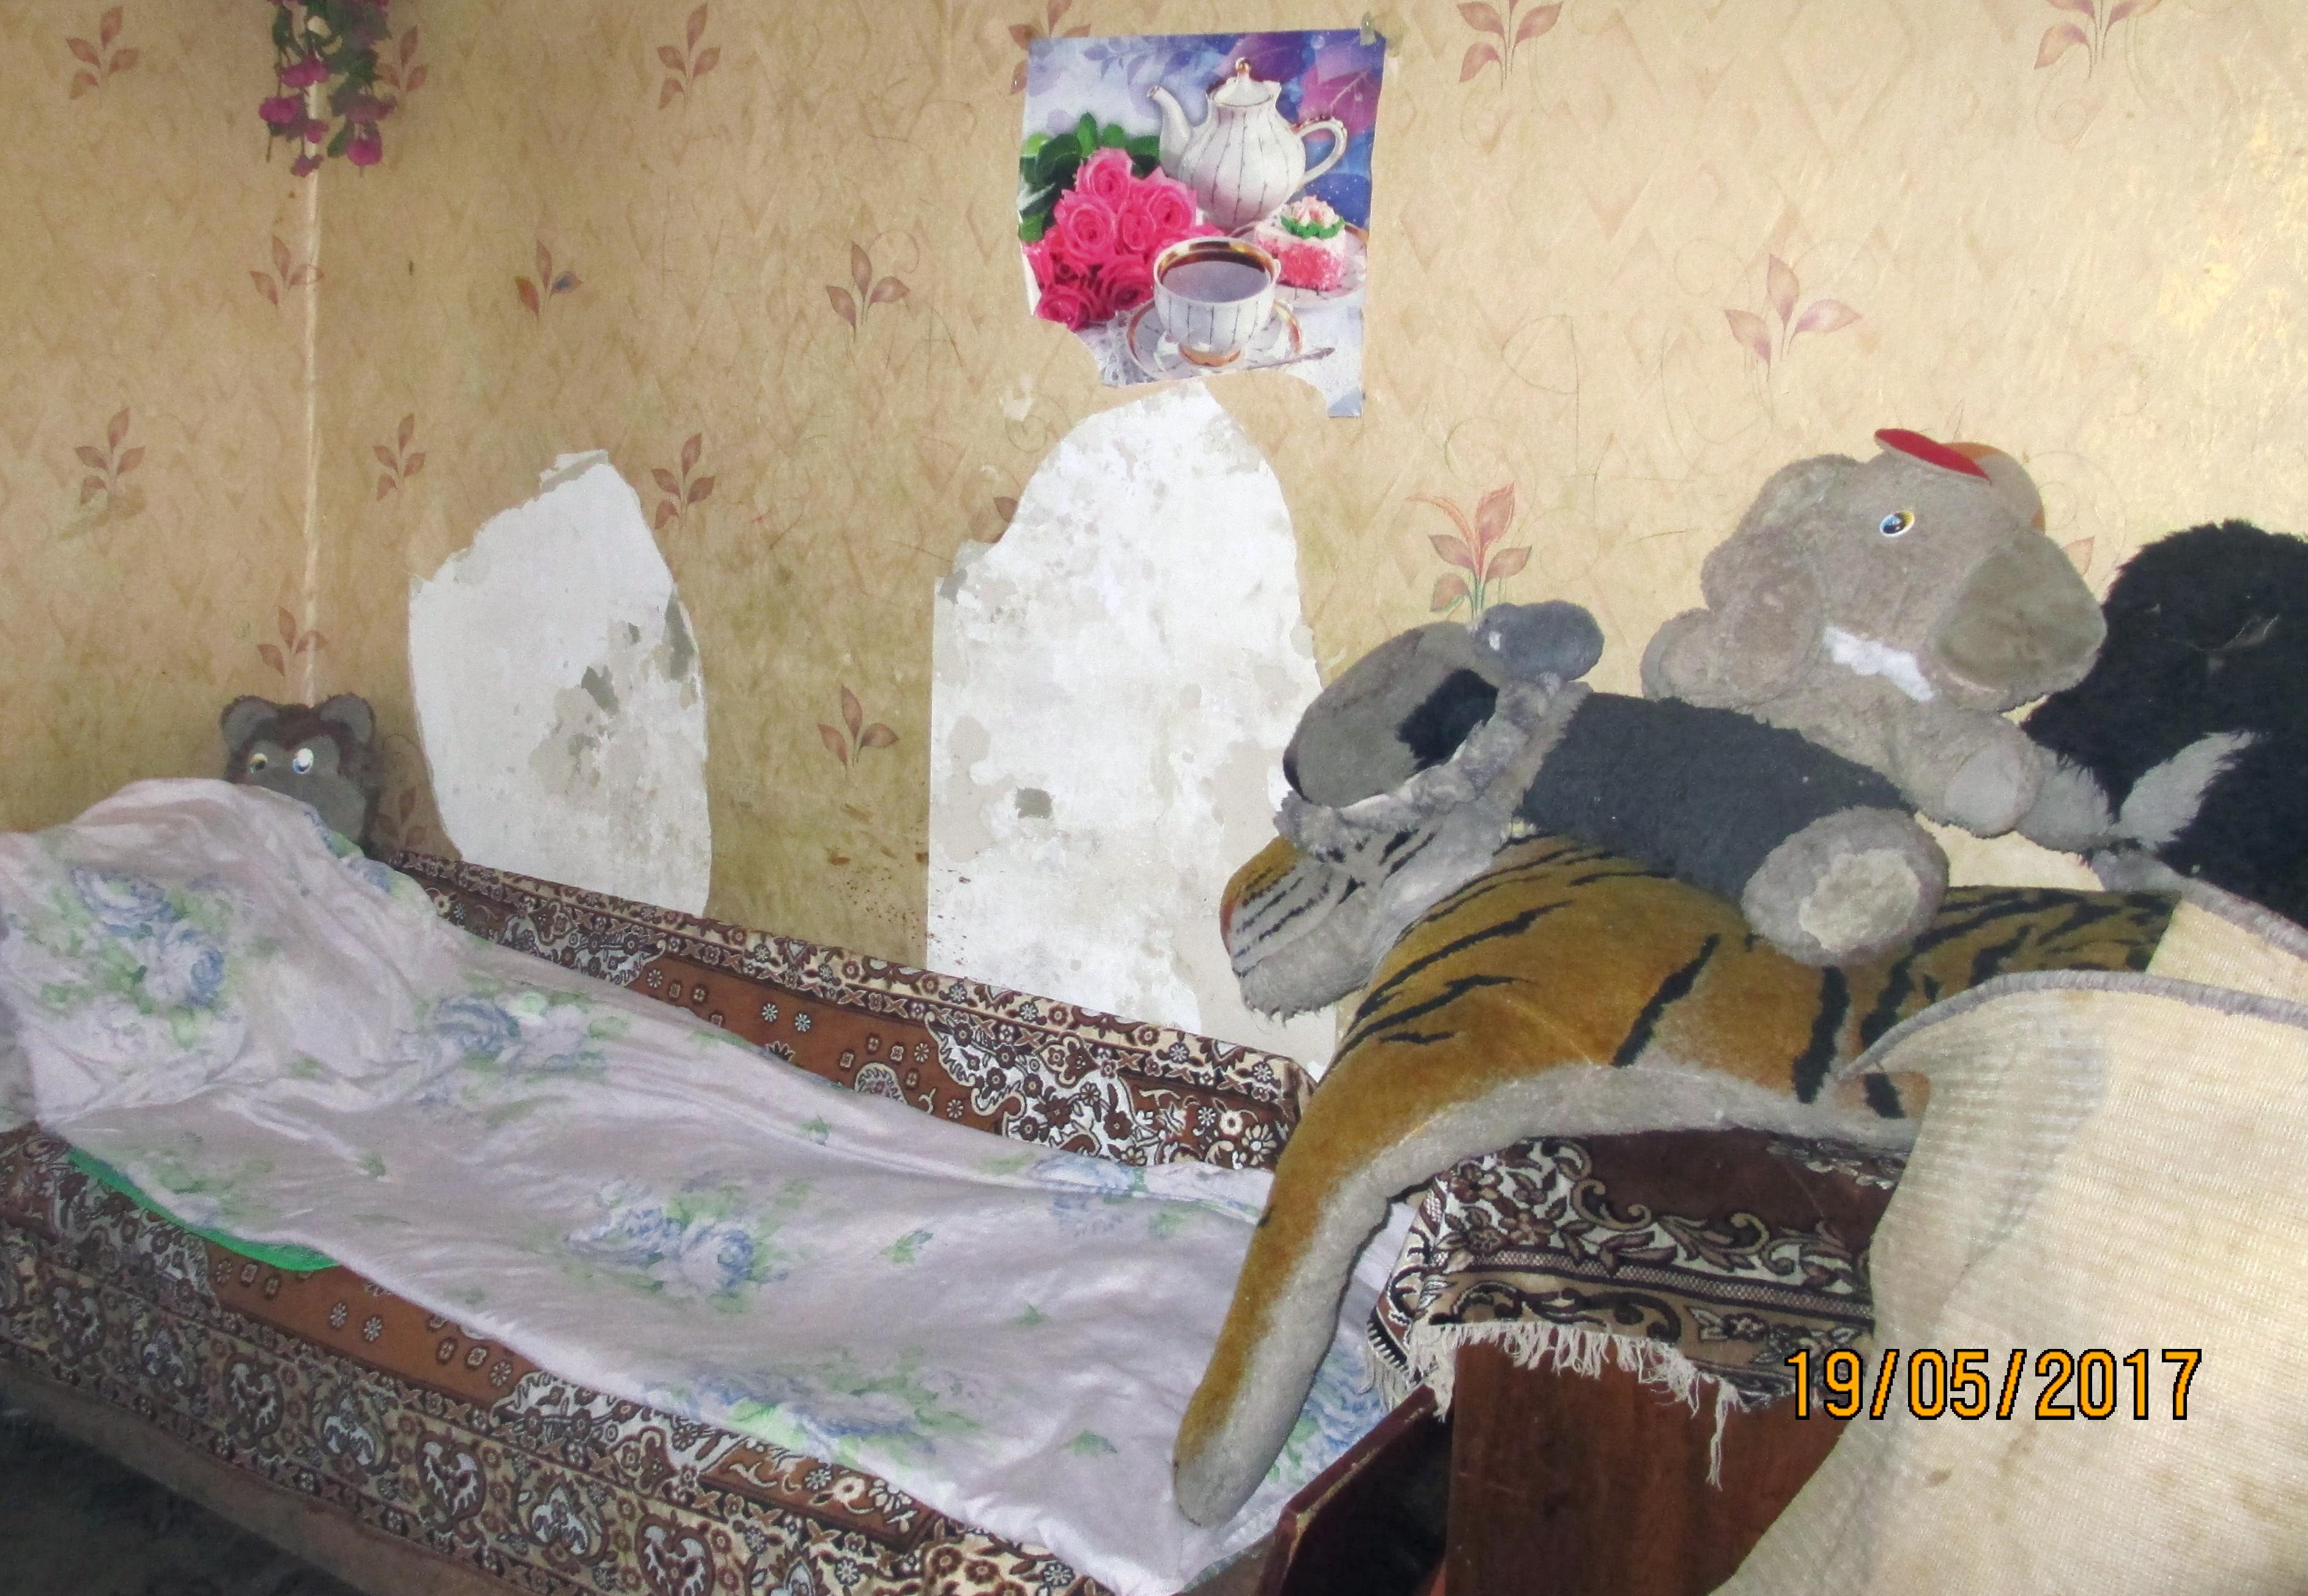 6-місячного хворого малюка вилучили правоохоронці у молодої горе-матері в Українську, фото-2